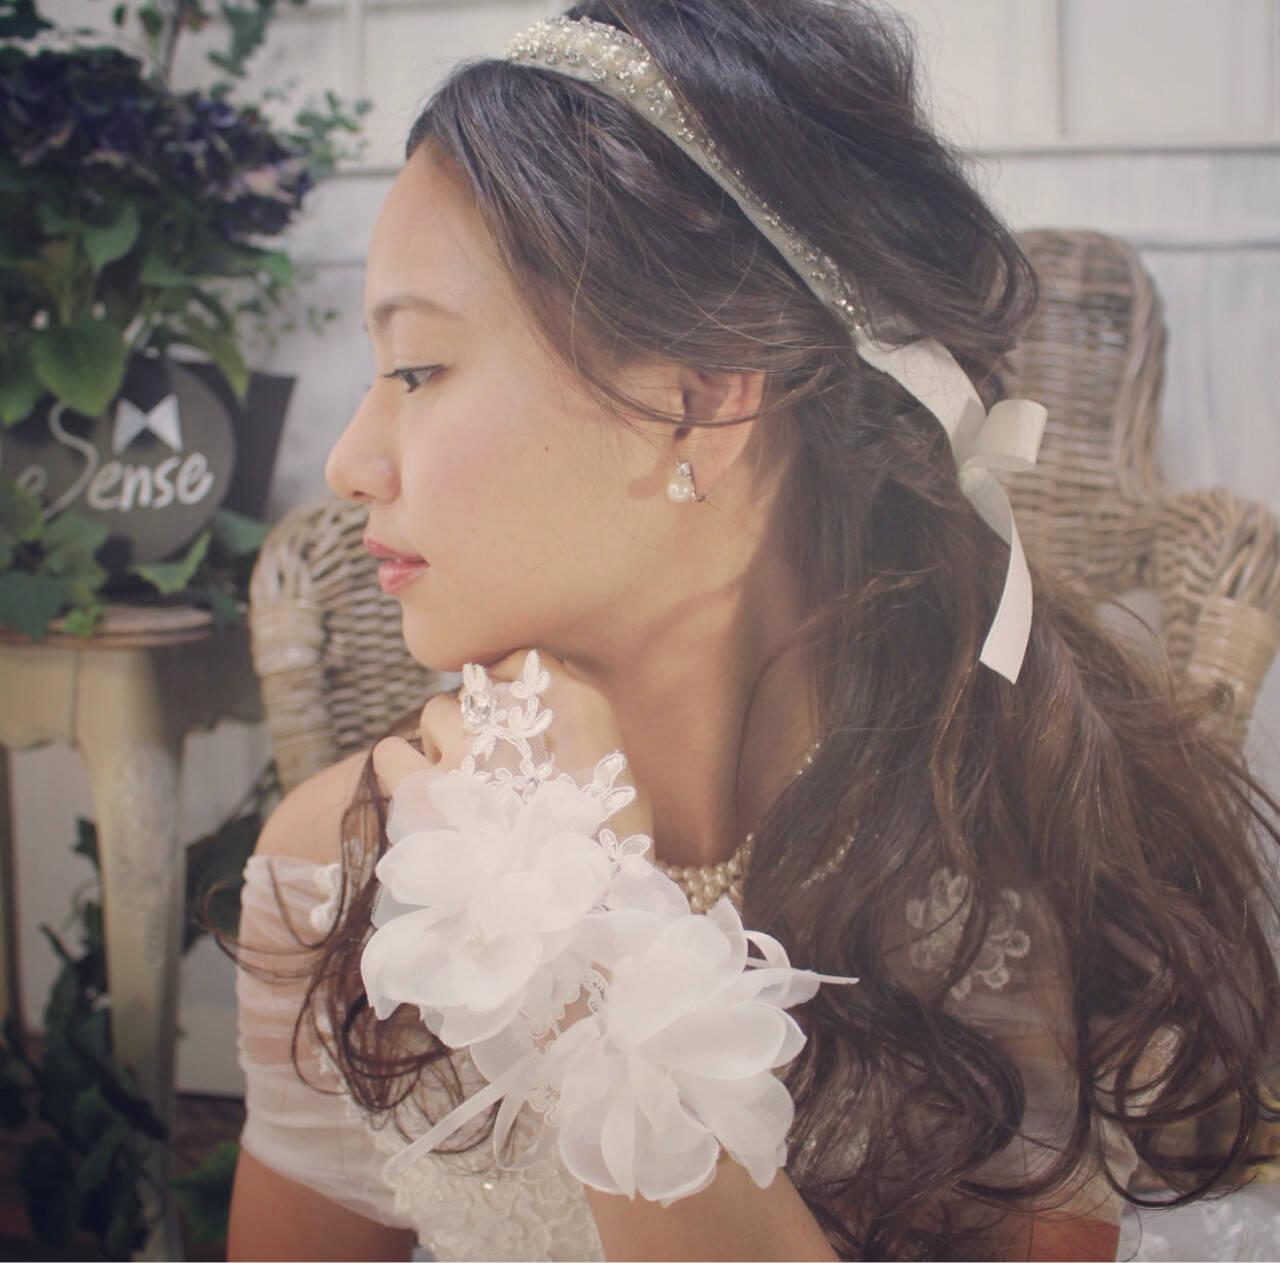 ブライダル 結婚式 ヘアアレンジ フェミニンヘアスタイルや髪型の写真・画像